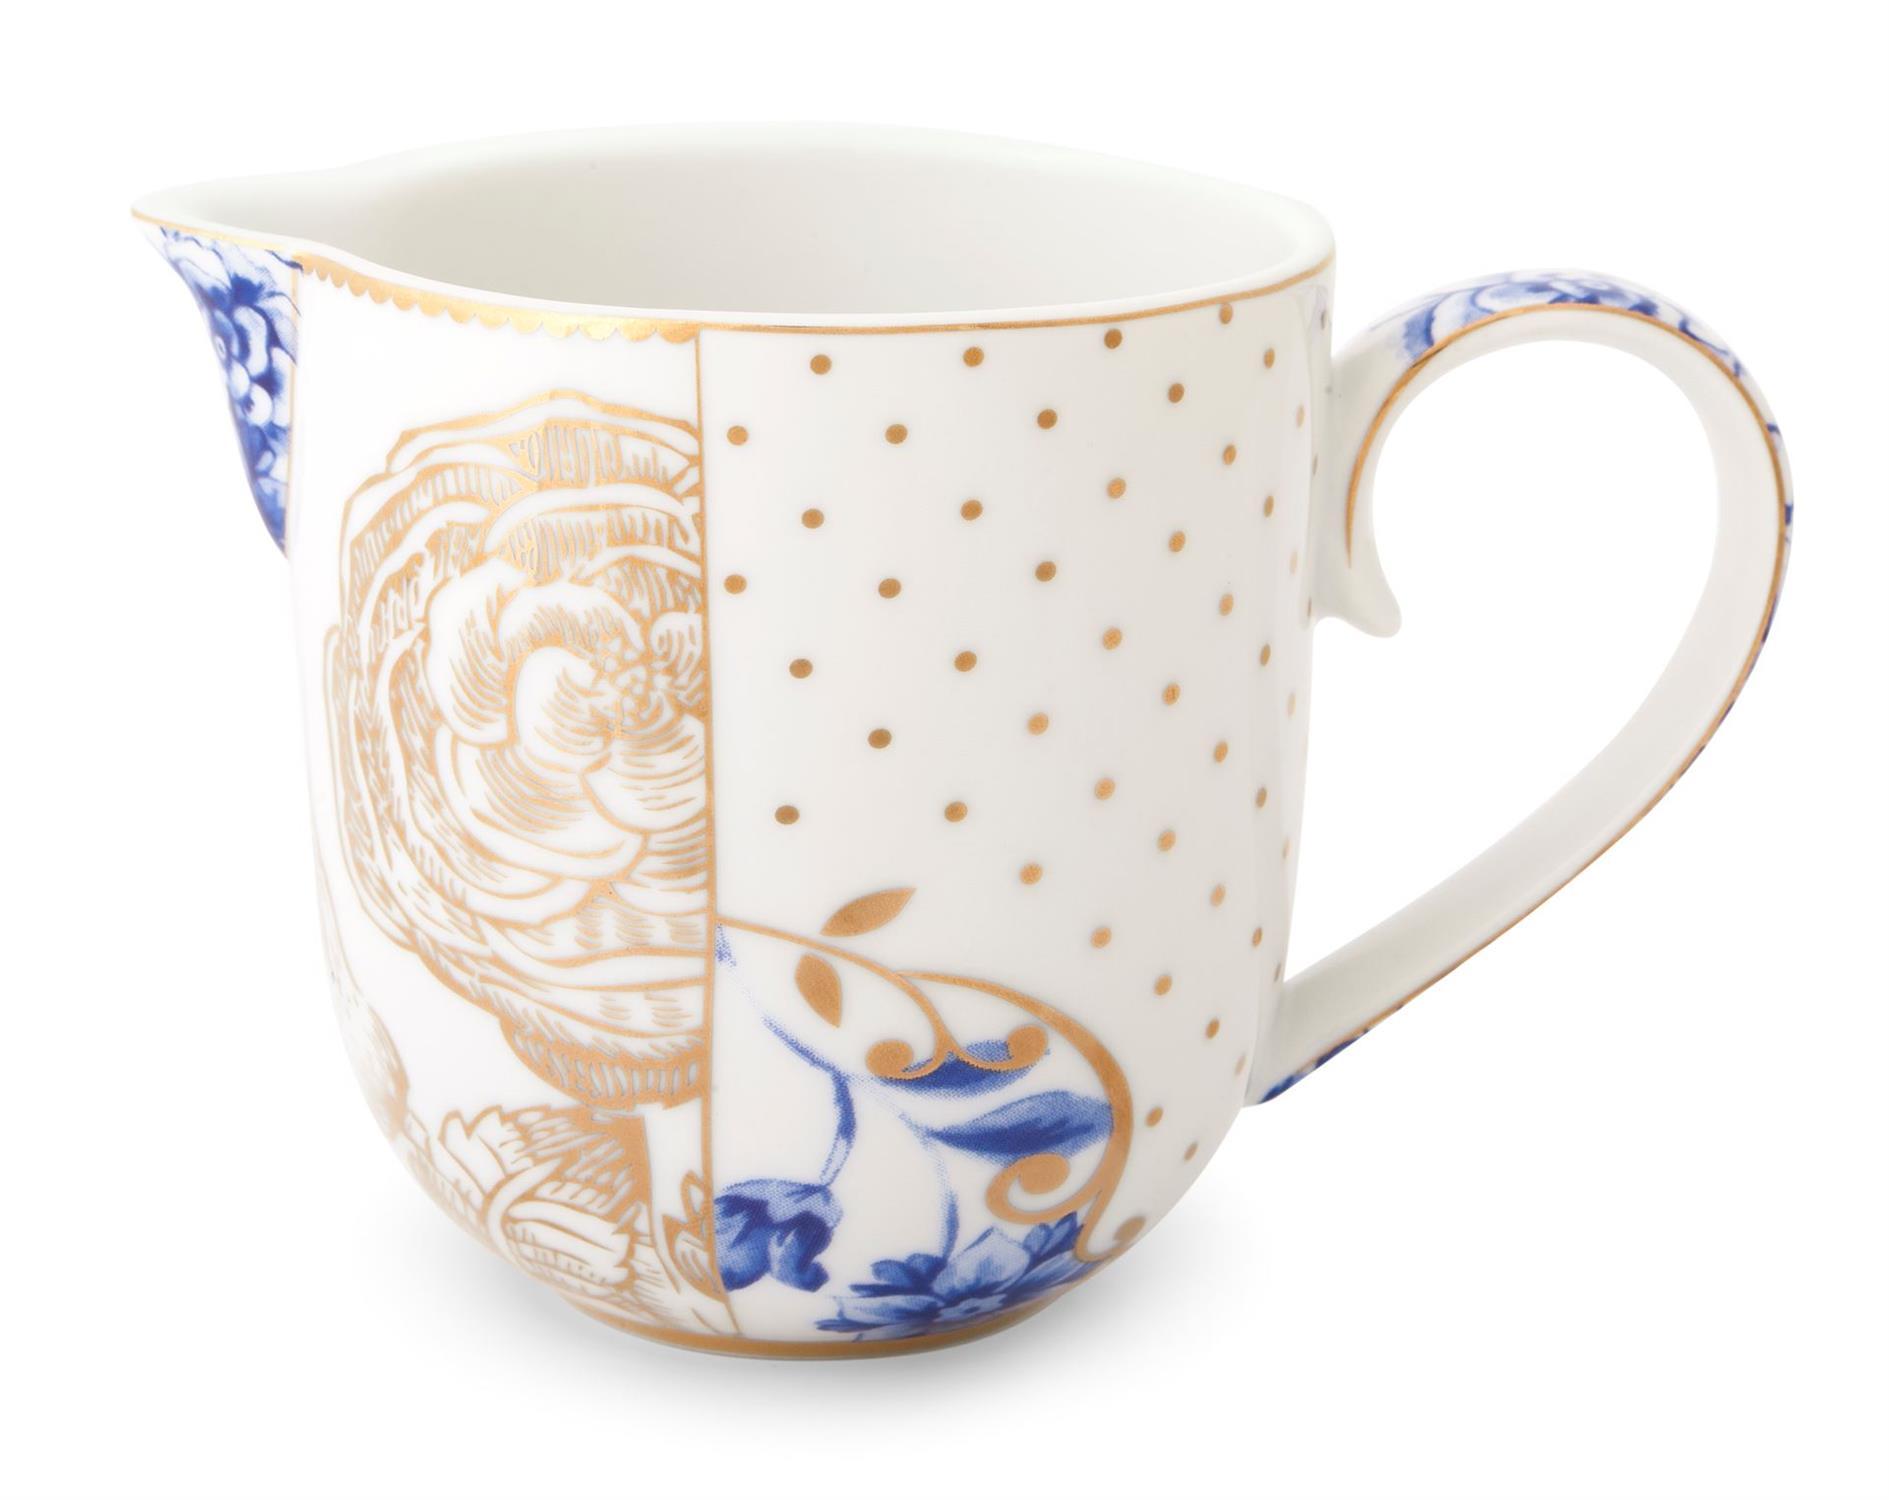 Γαλατιέρα Royal White 260ml πορσελάνινη λευκή/μπλε/χρυσή Pip Studio51007021